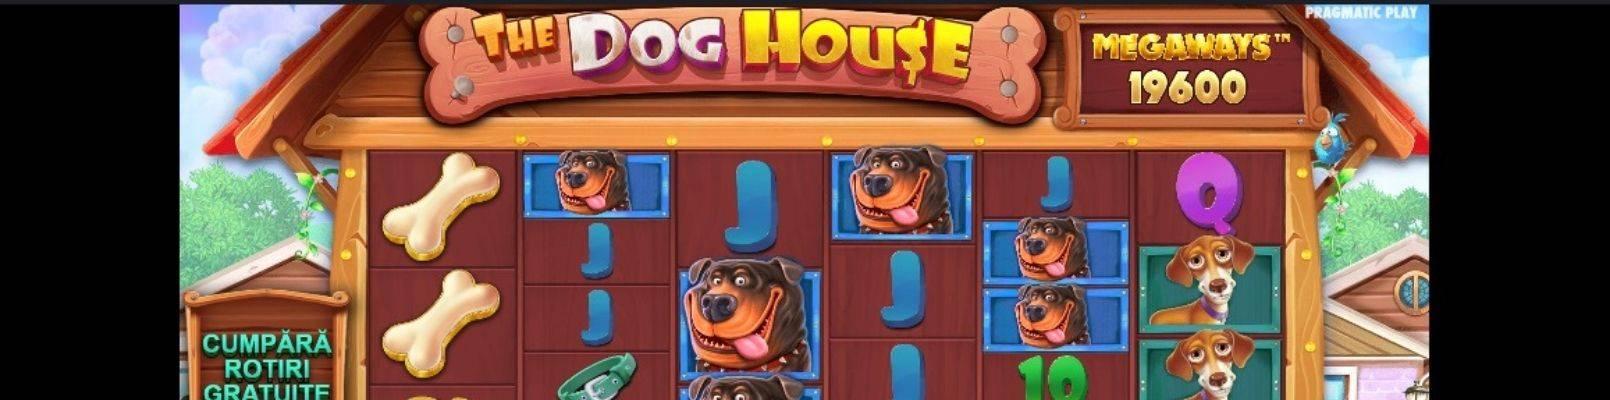 jucatori incepatori la casino dog house